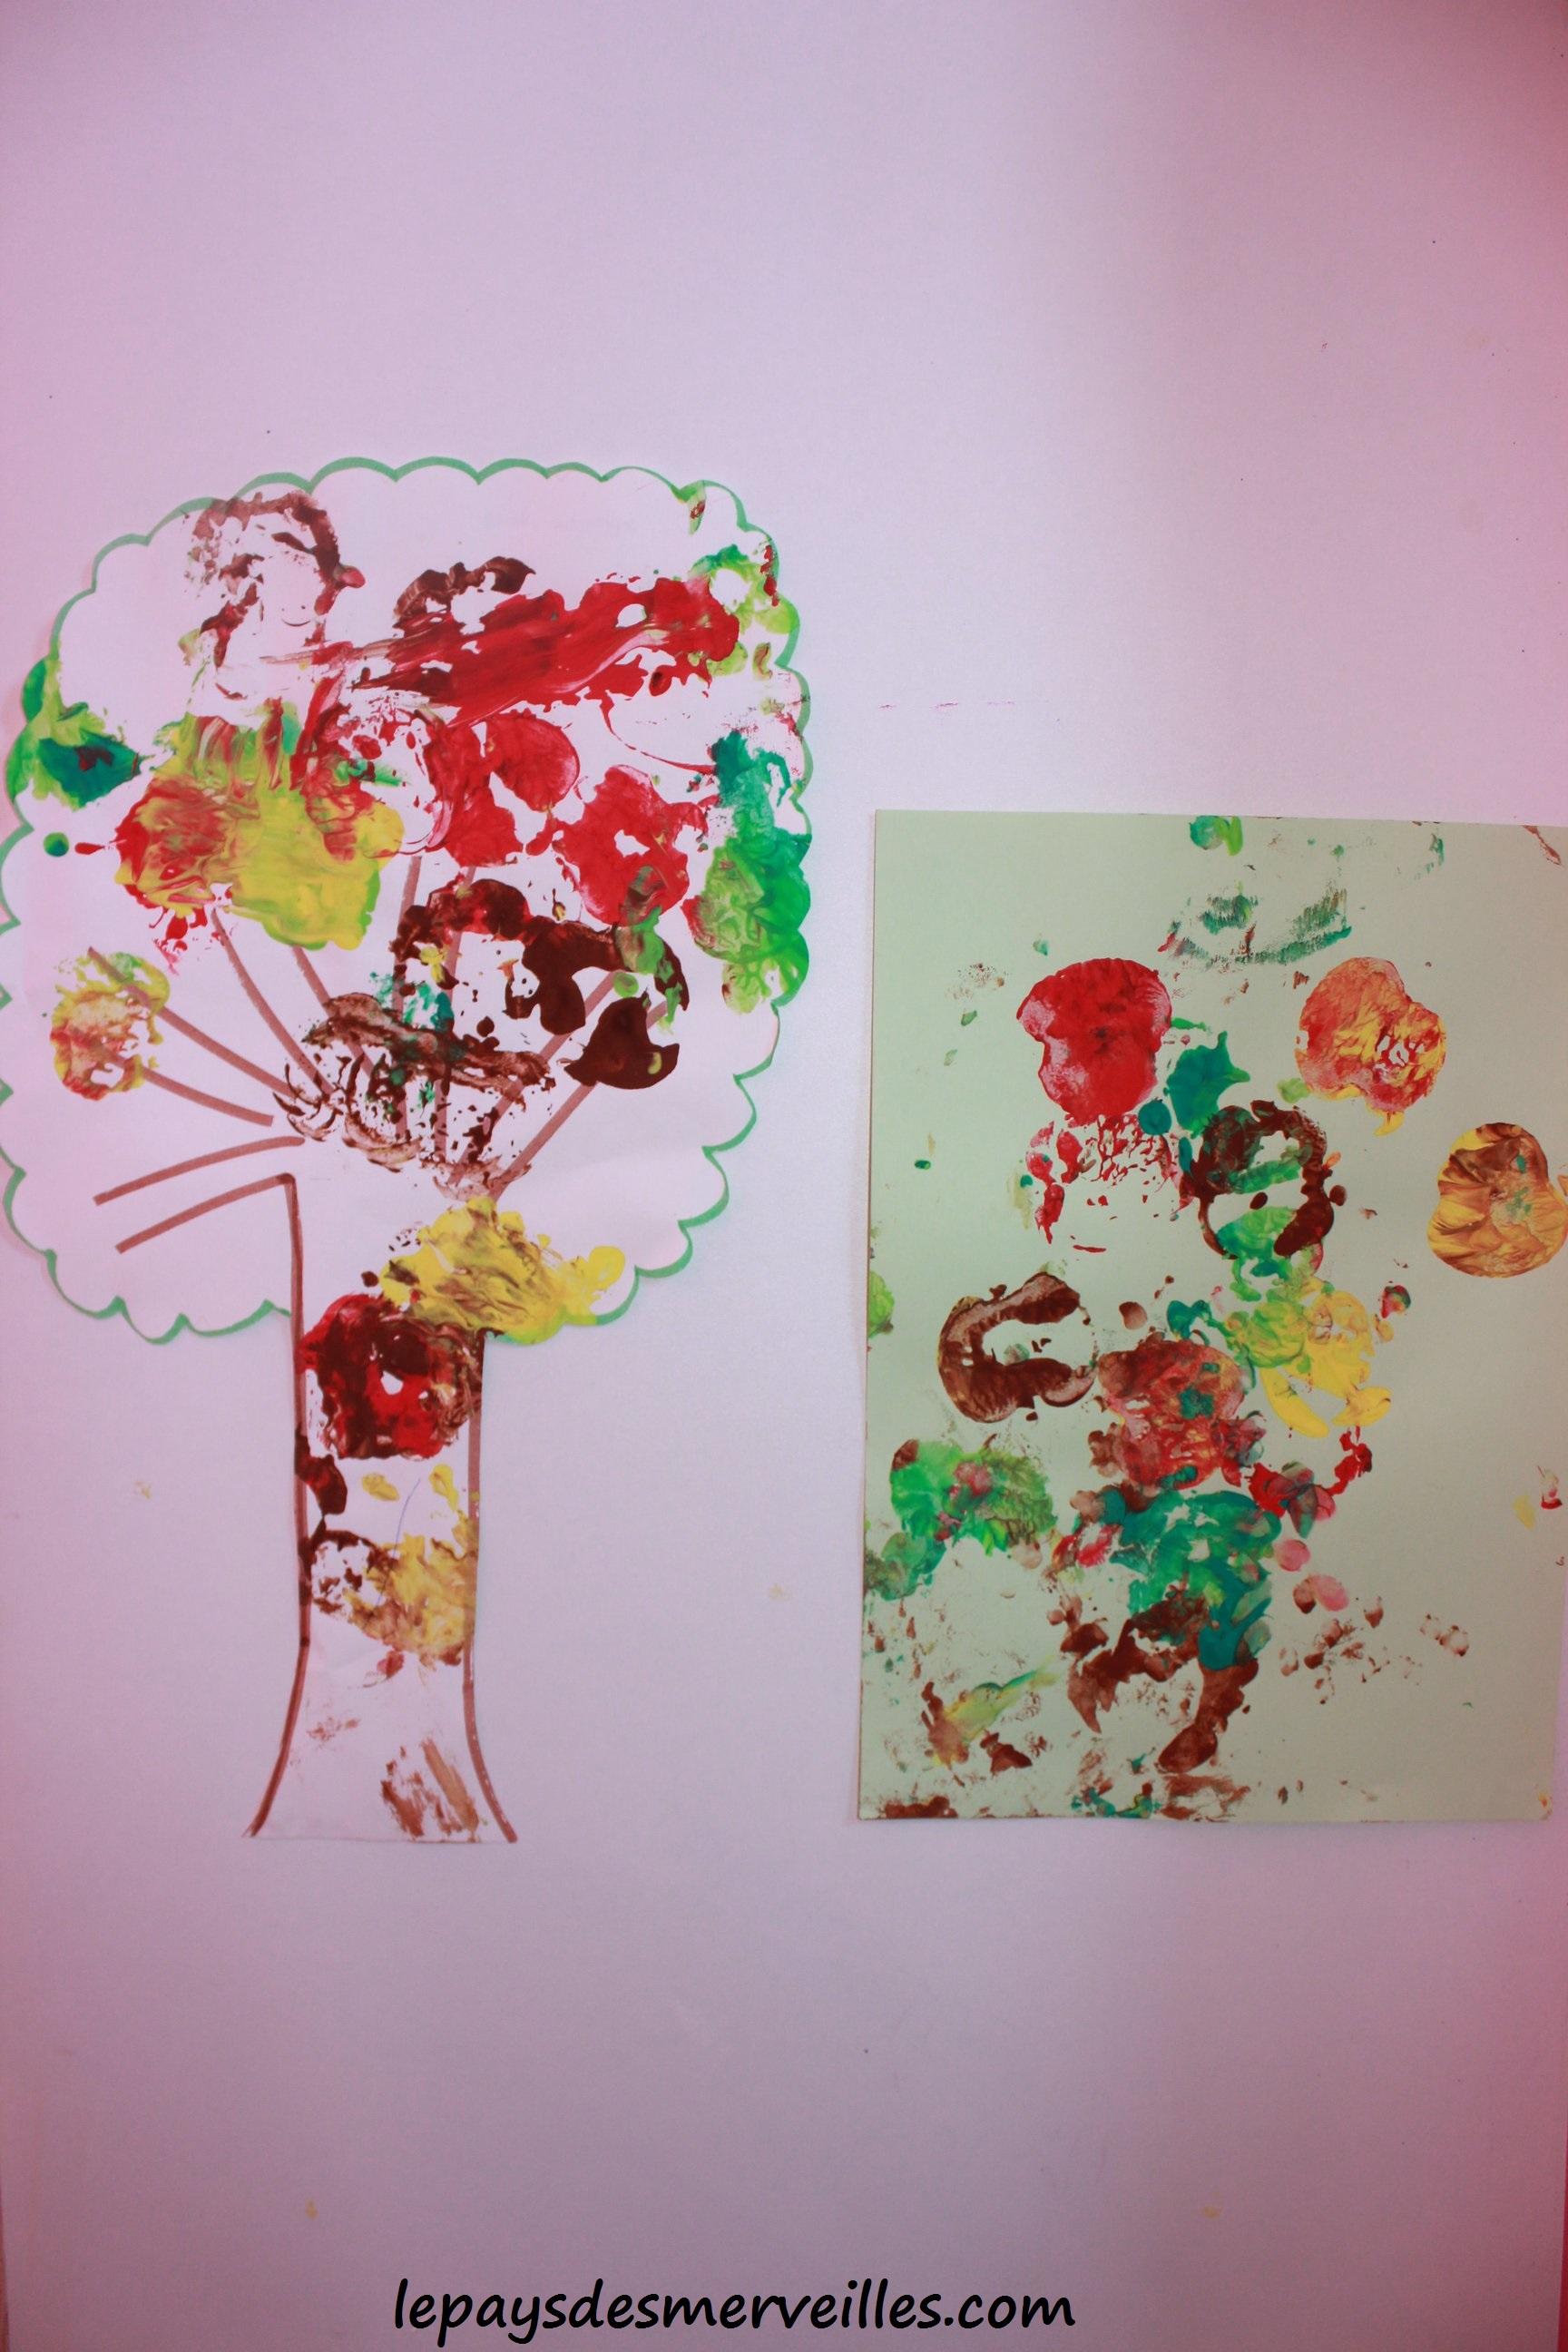 bricolage d 39 automne peindre avec une pomme le pays. Black Bedroom Furniture Sets. Home Design Ideas